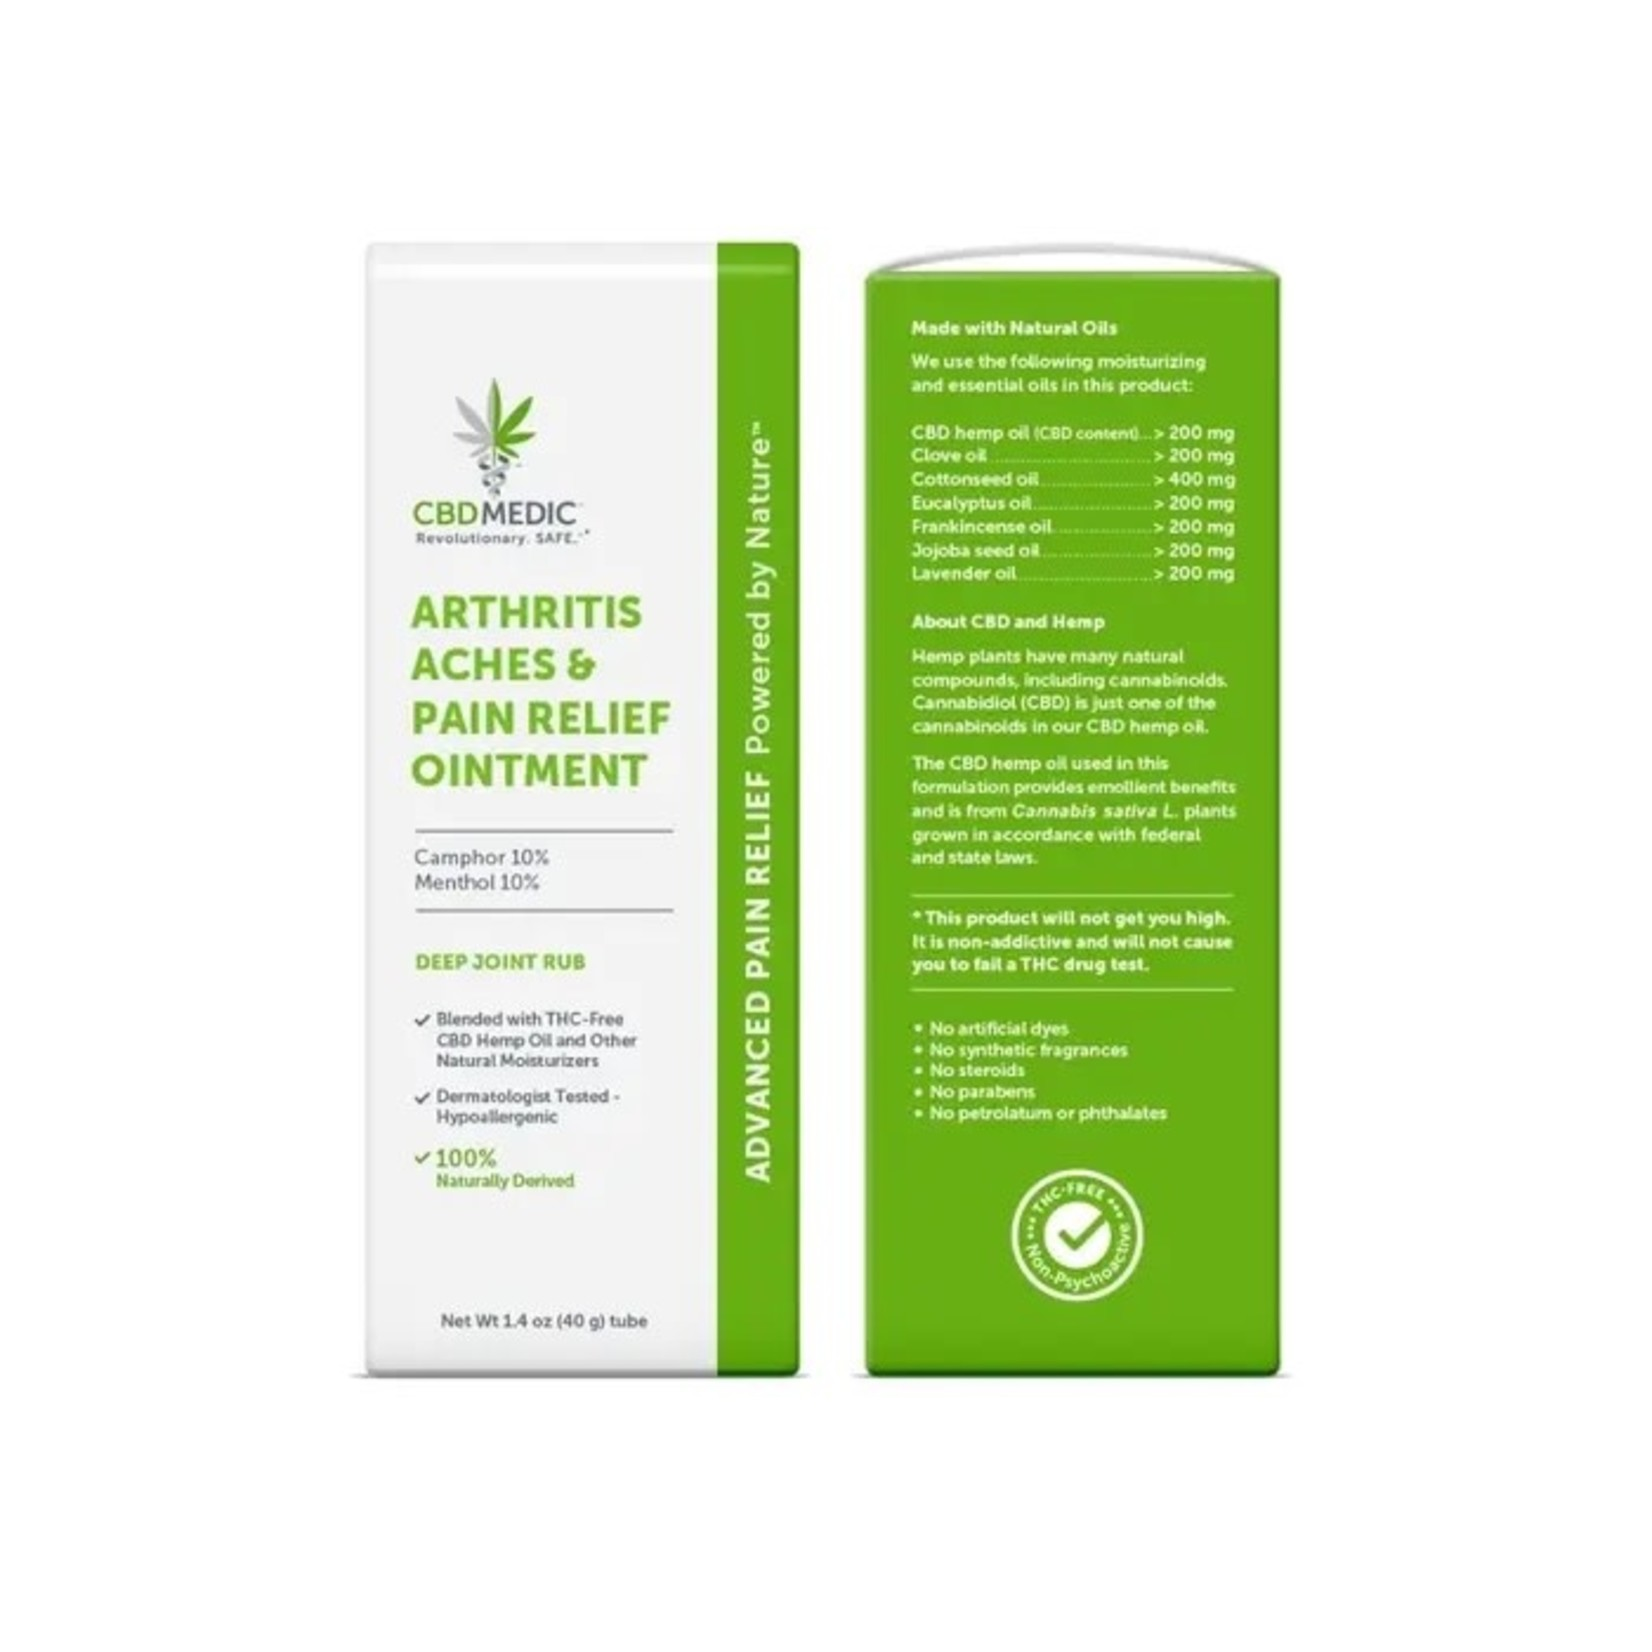 CBD Medic CBD Medic Arthritis Aches & Pain Relief Cream 1.7oz